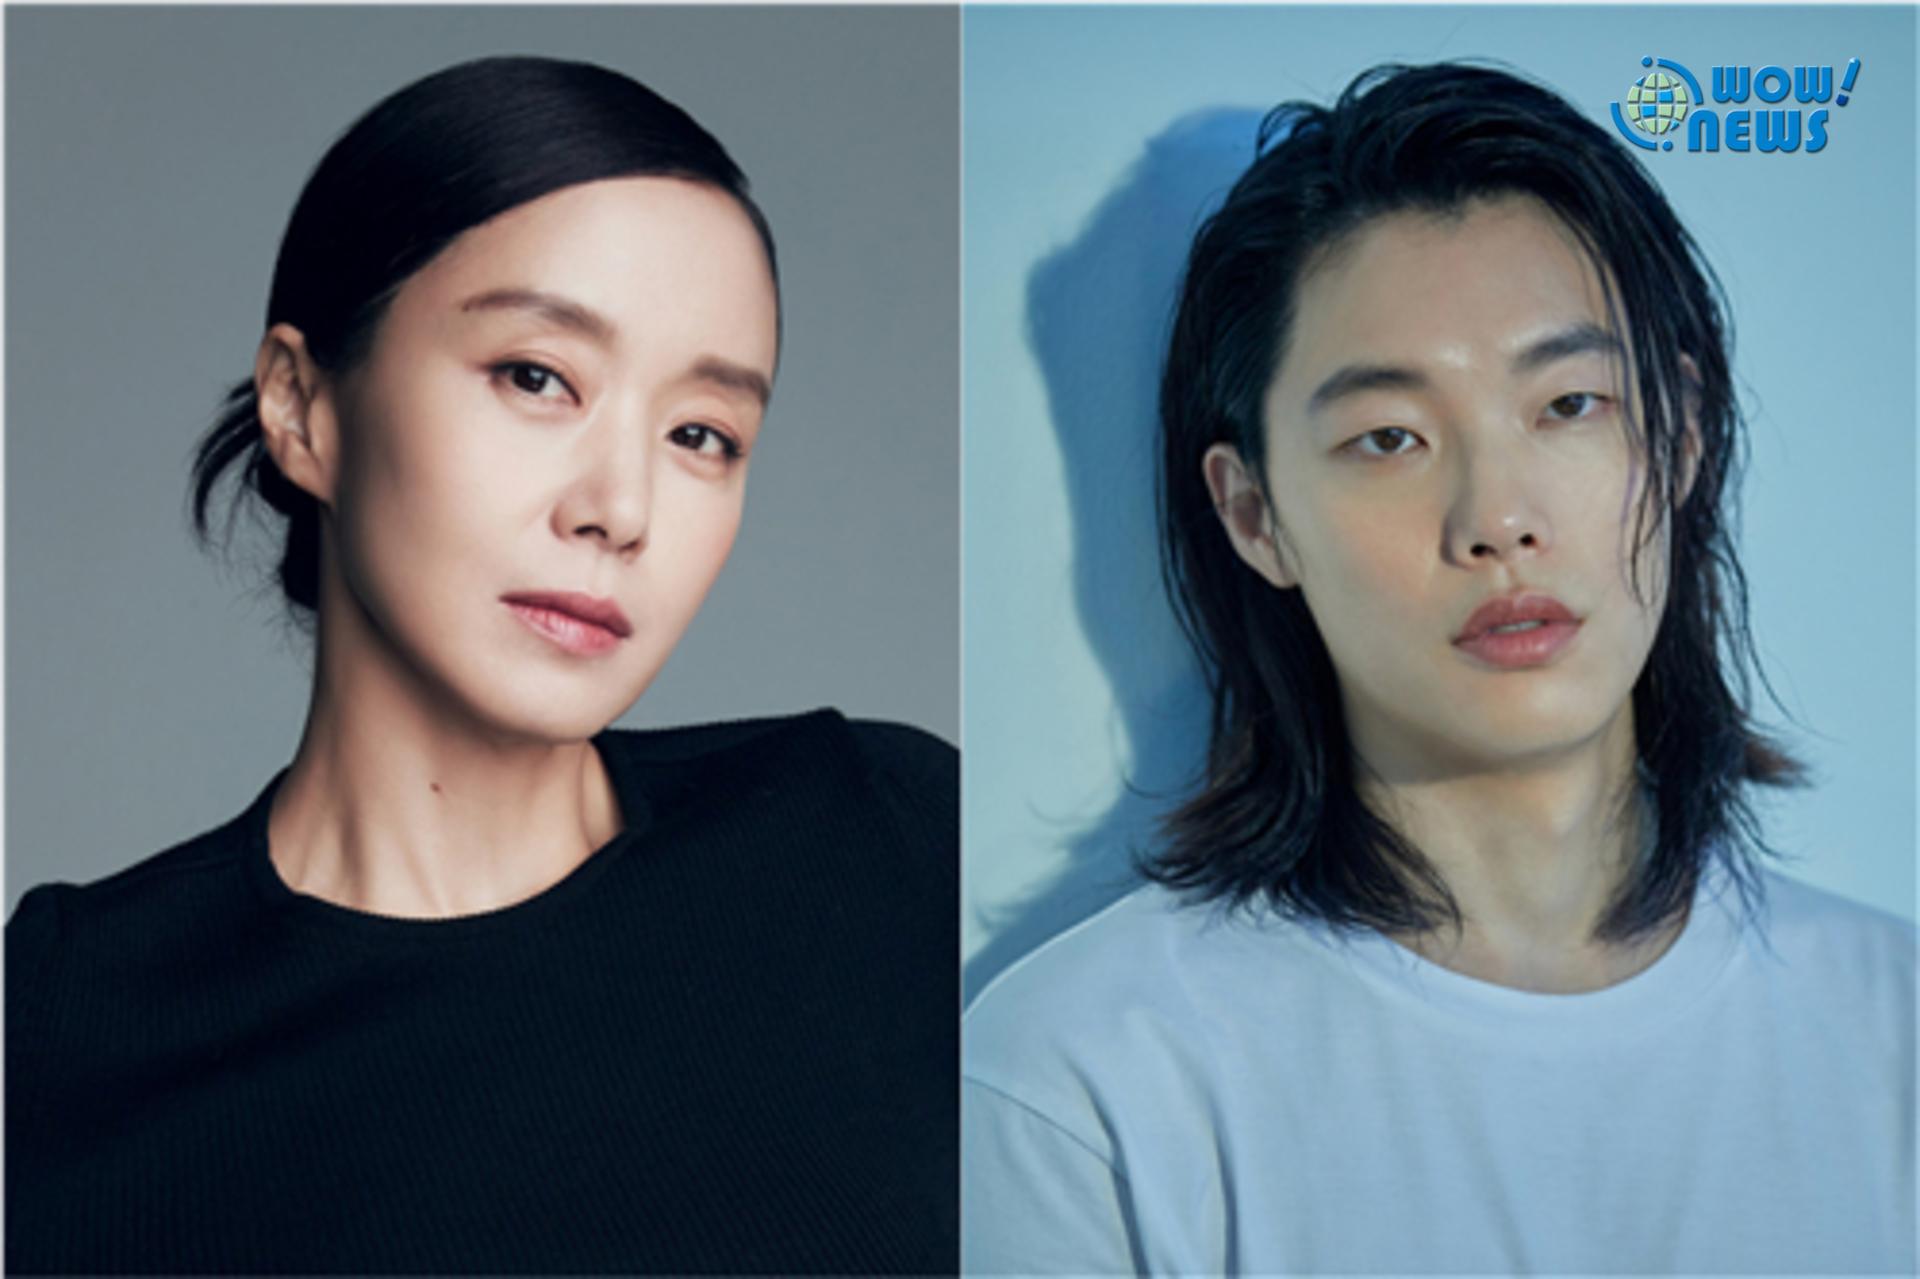 全度妍X柳俊烈合作 出演「人間失格」演繹平凡世界